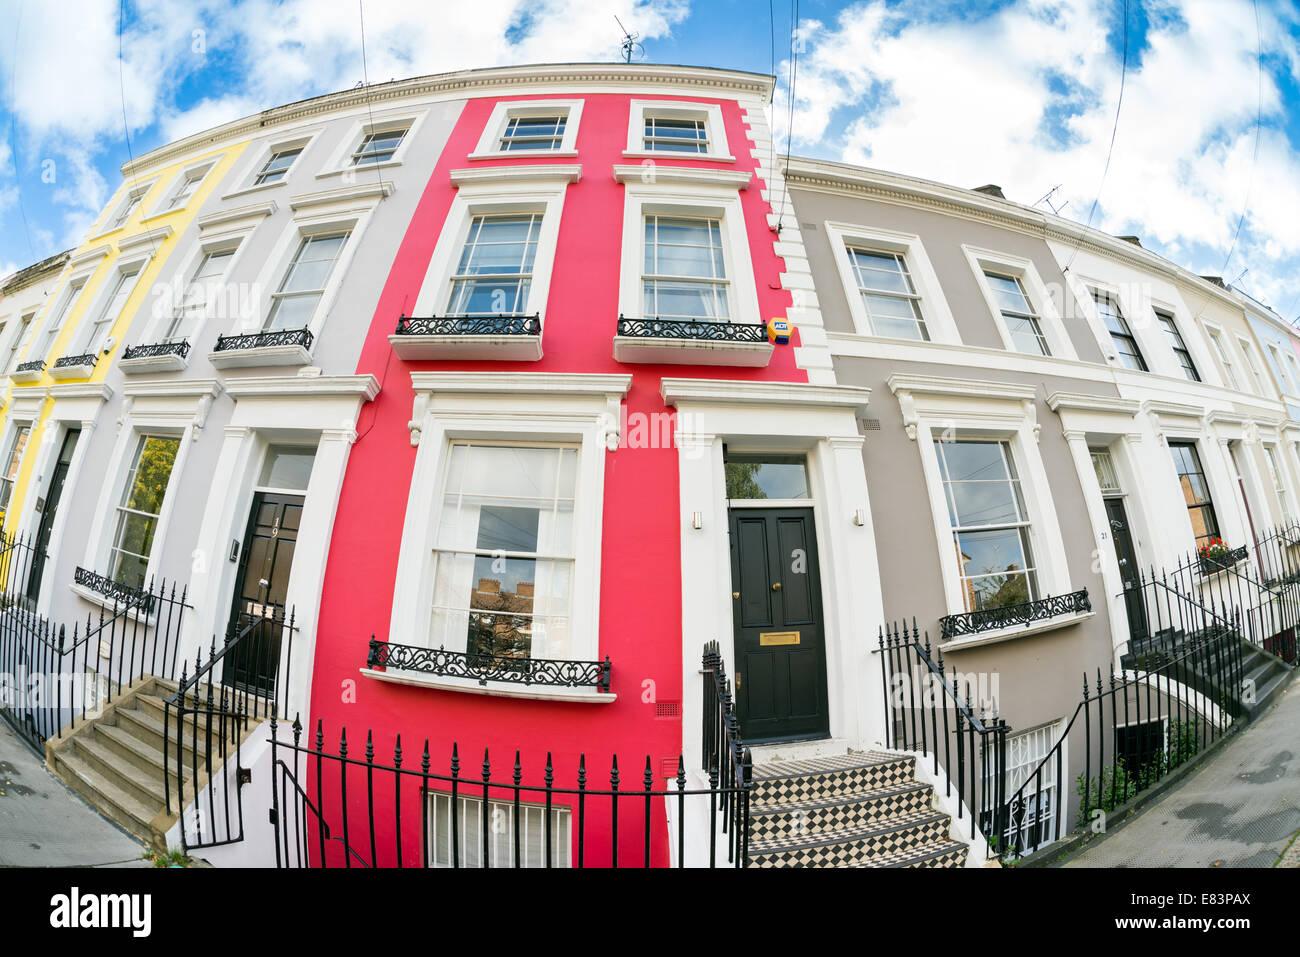 Hilera de casas adosadas en Notting Hill, Londres, Inglaterra, Reino Unido. Imagen De Stock